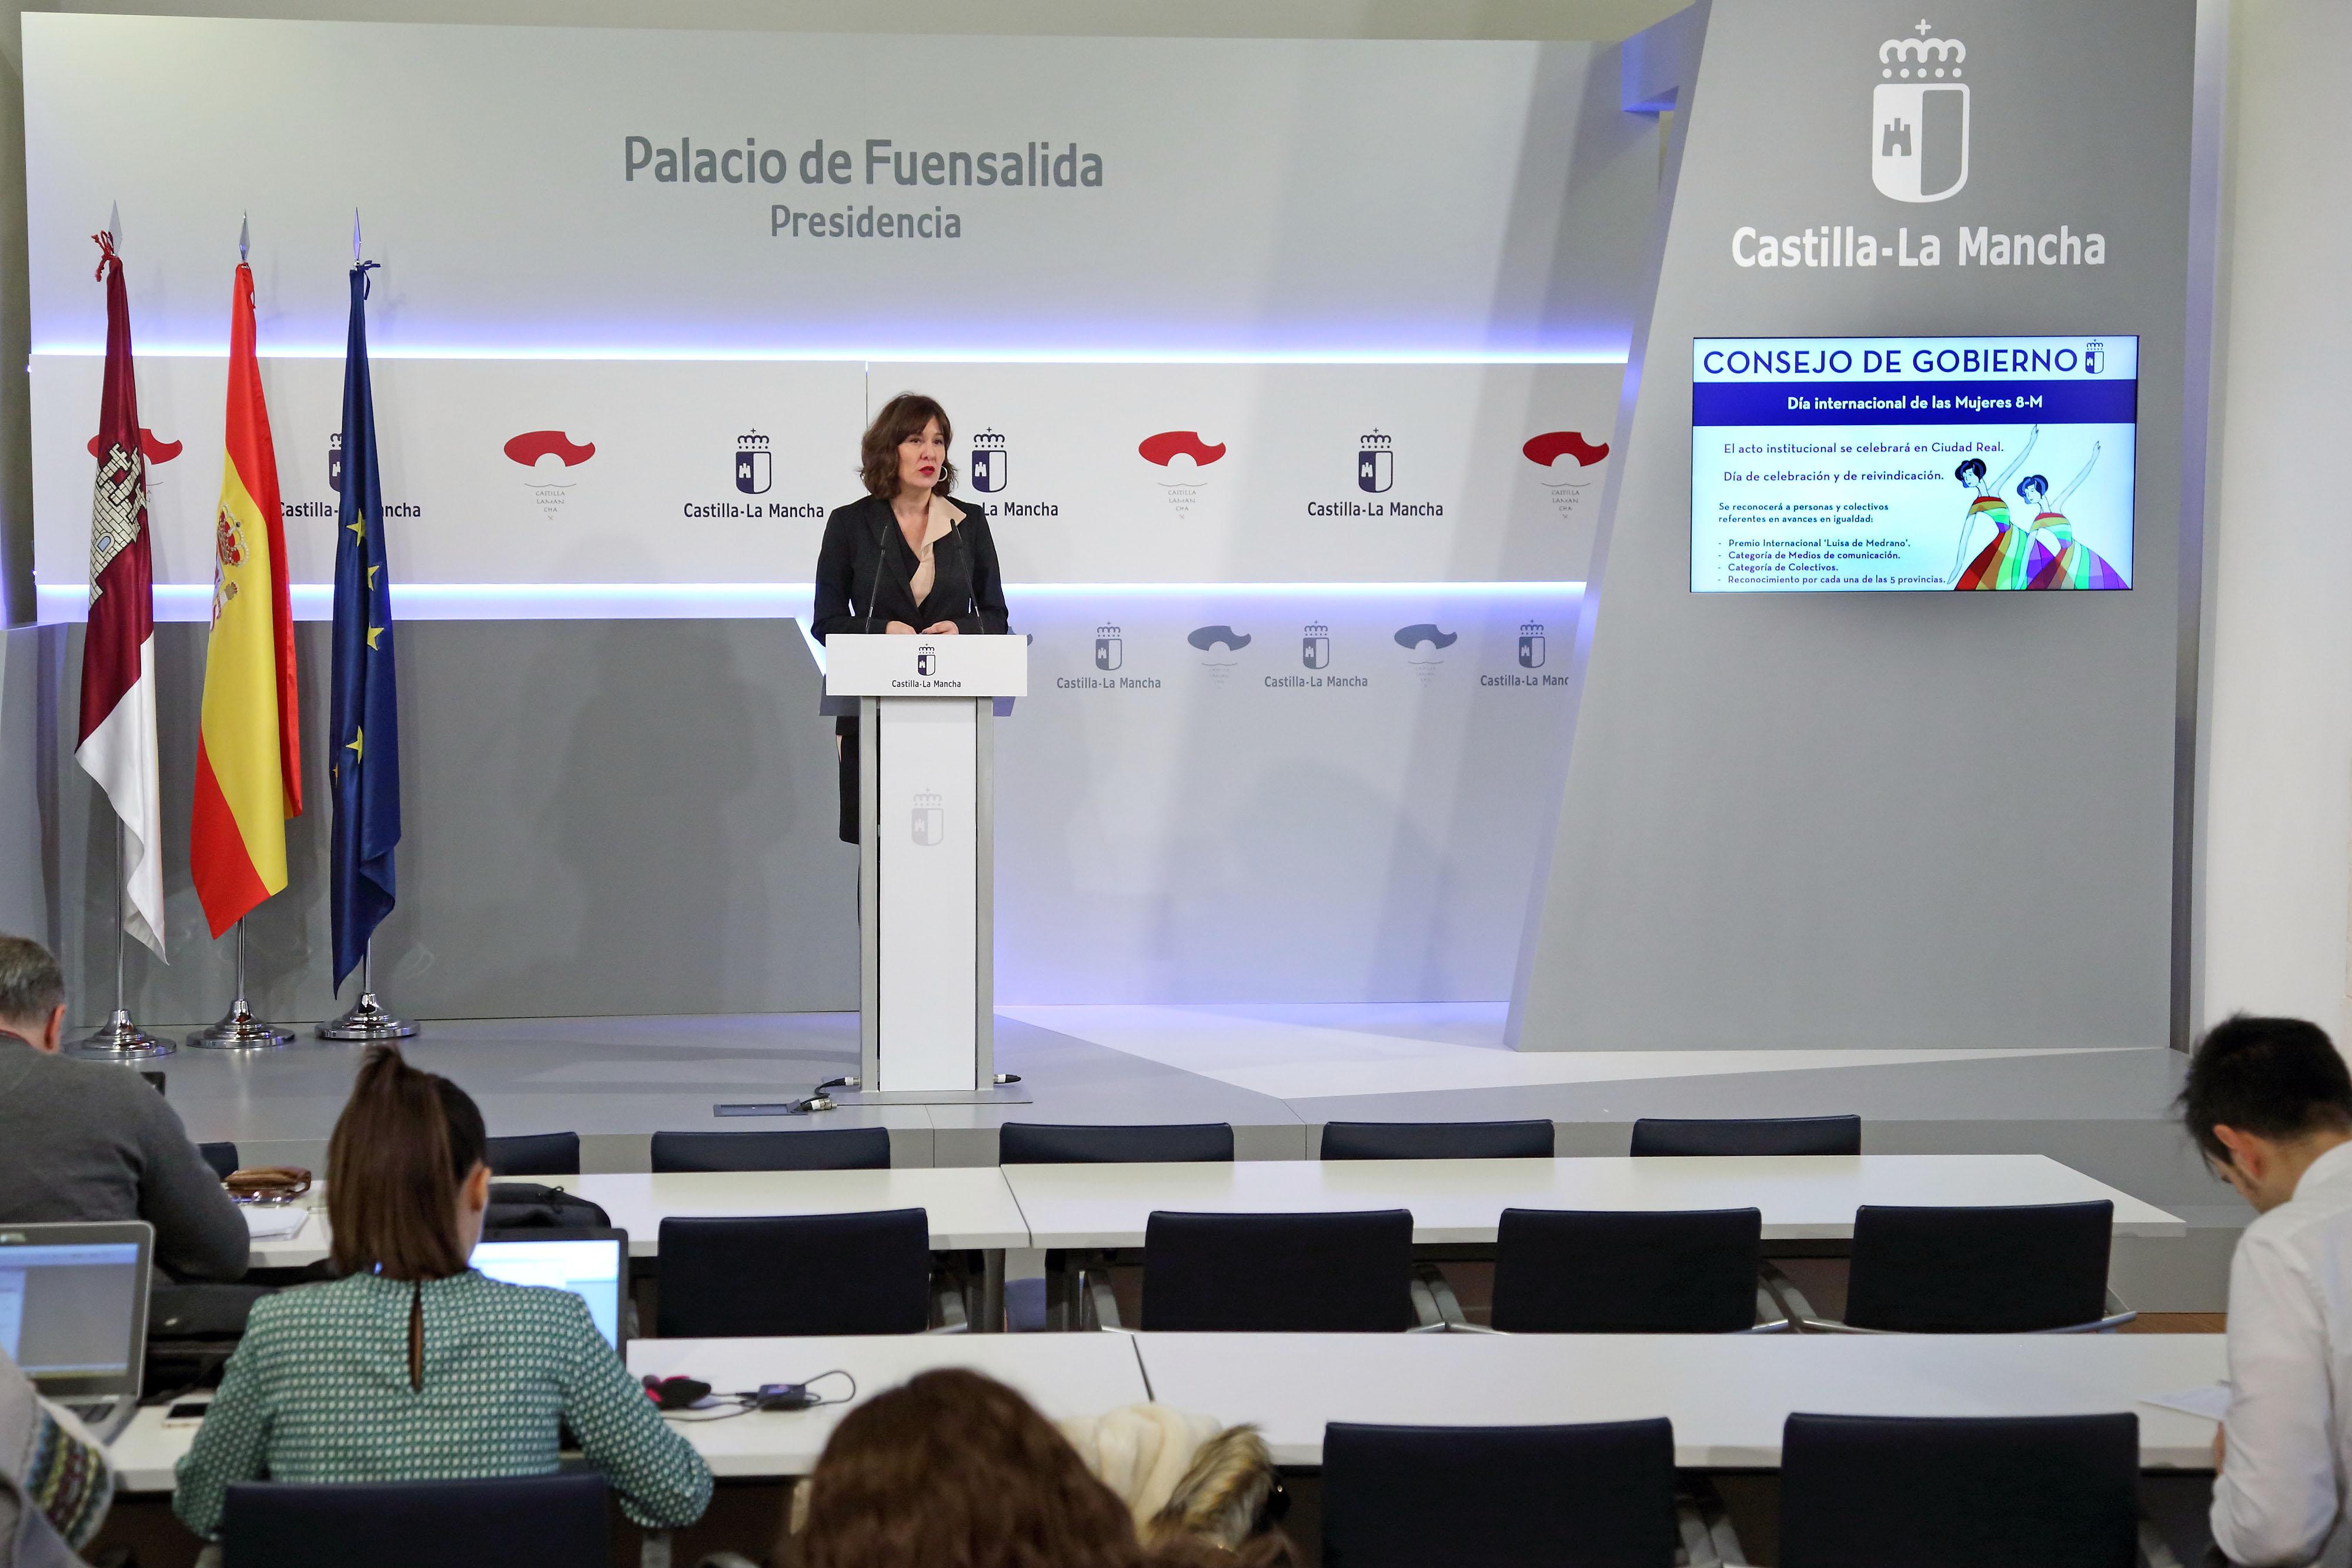 Rueda de prensa del Consejo de Gobierno (15 ENERO) (III)